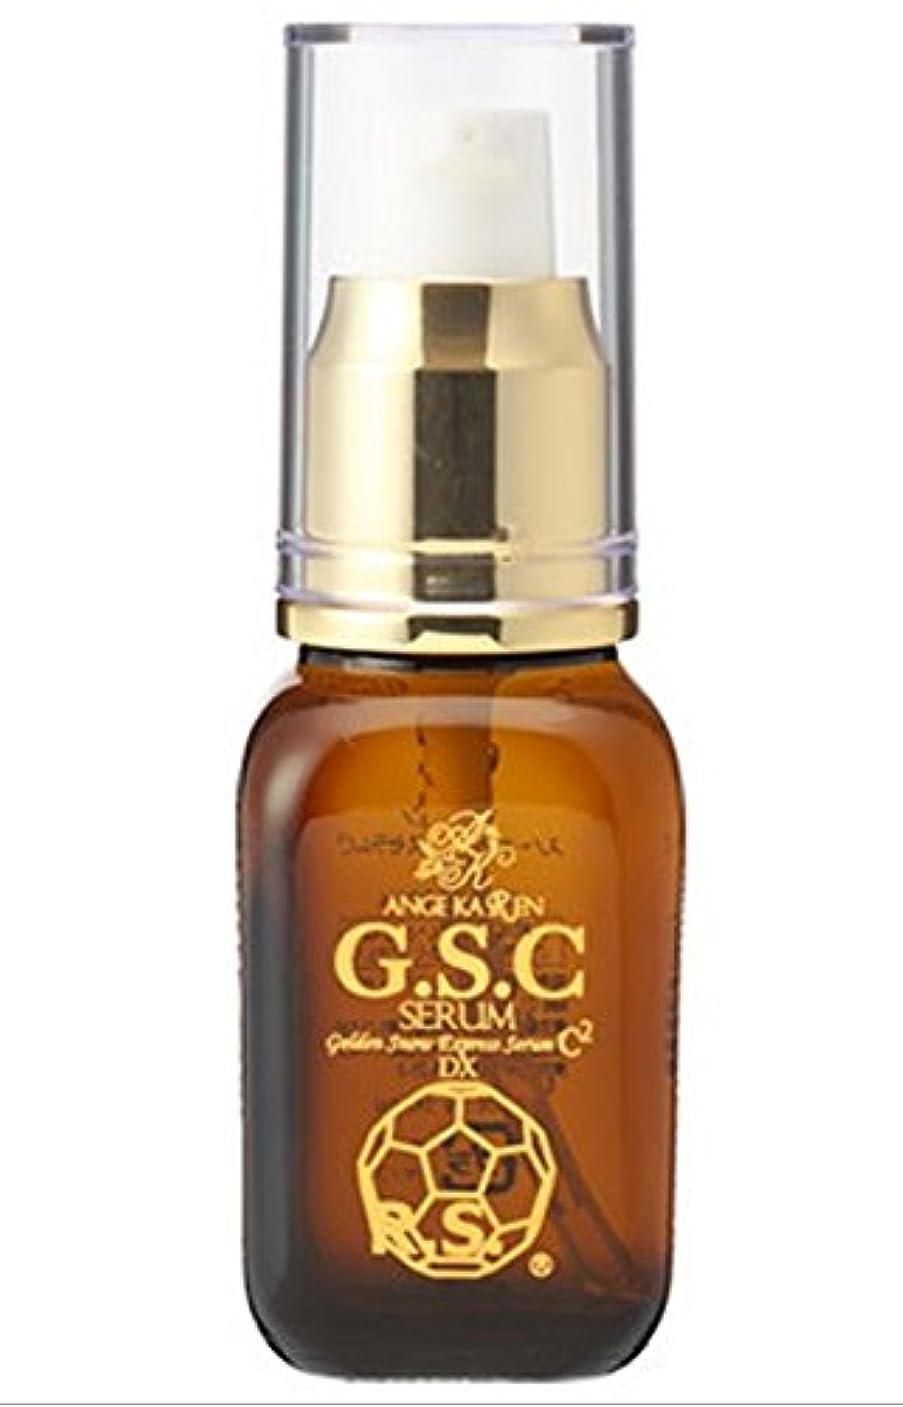 ゴールデン スノーエクスプレスセラムC2 DX 30ml 美容液